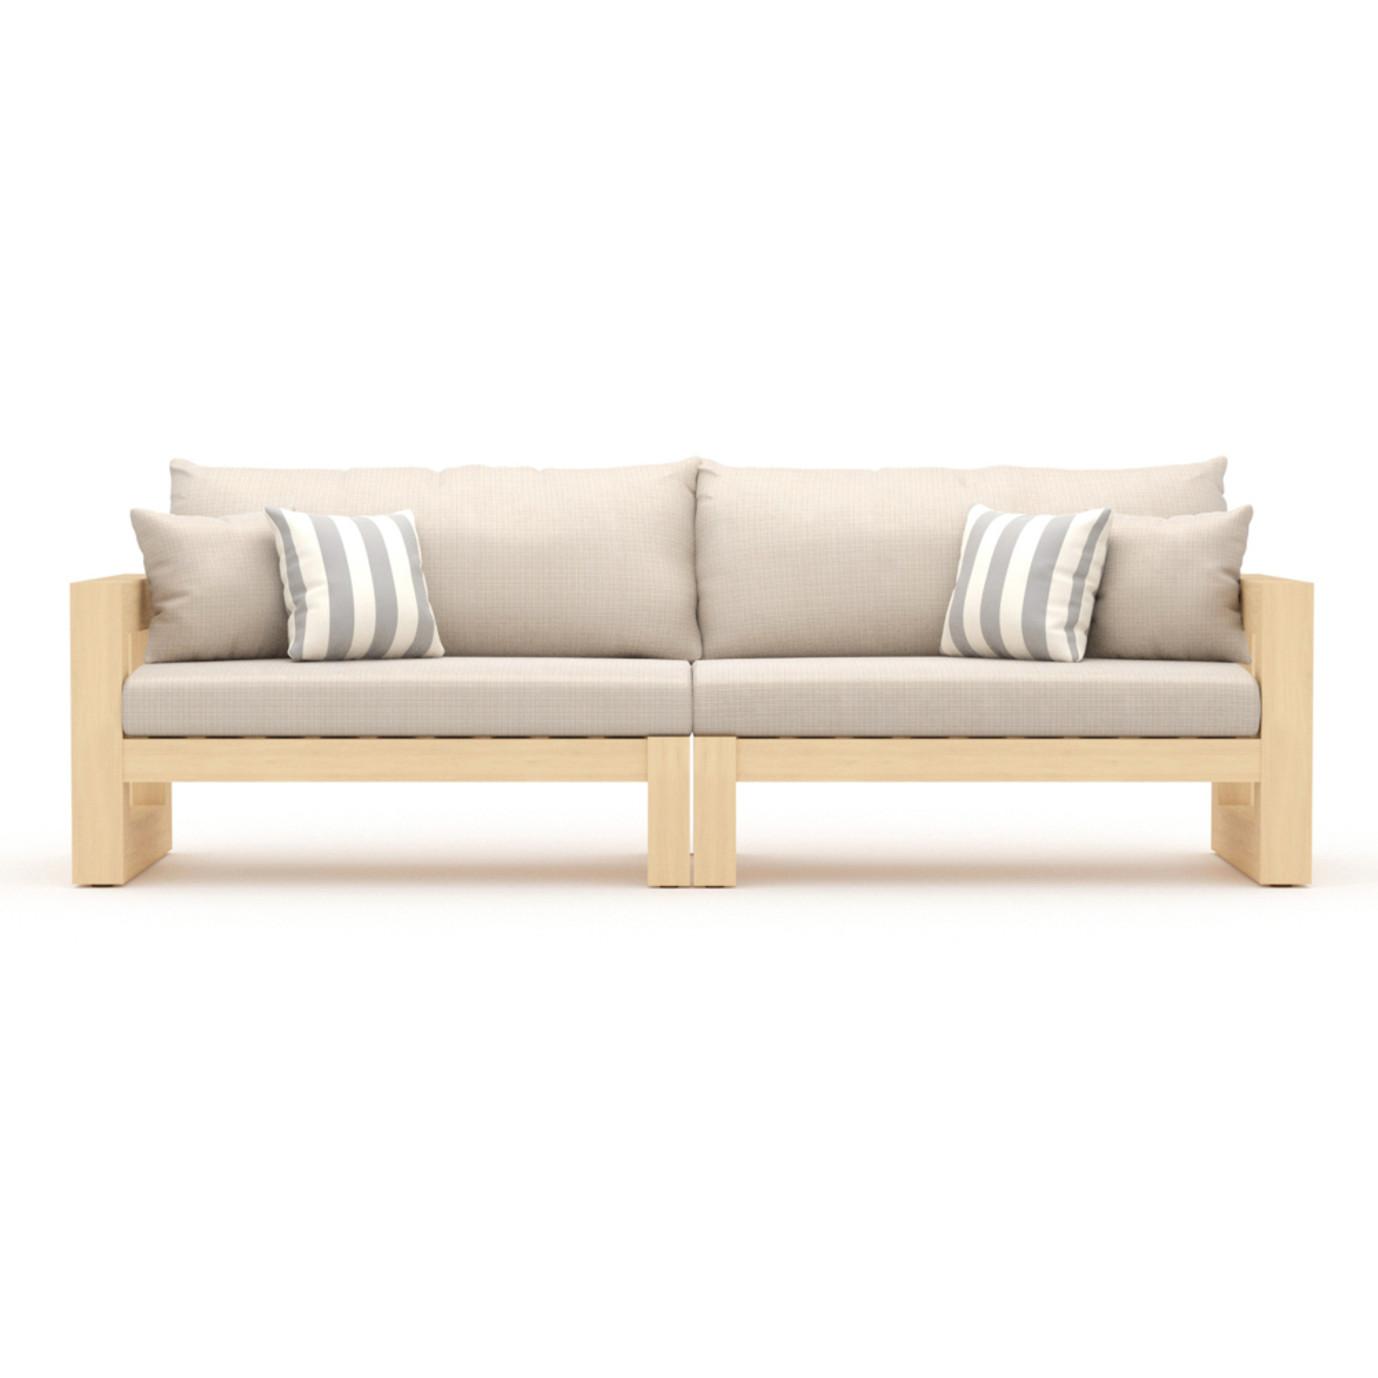 Benson 96in Sofa - Slate Gray